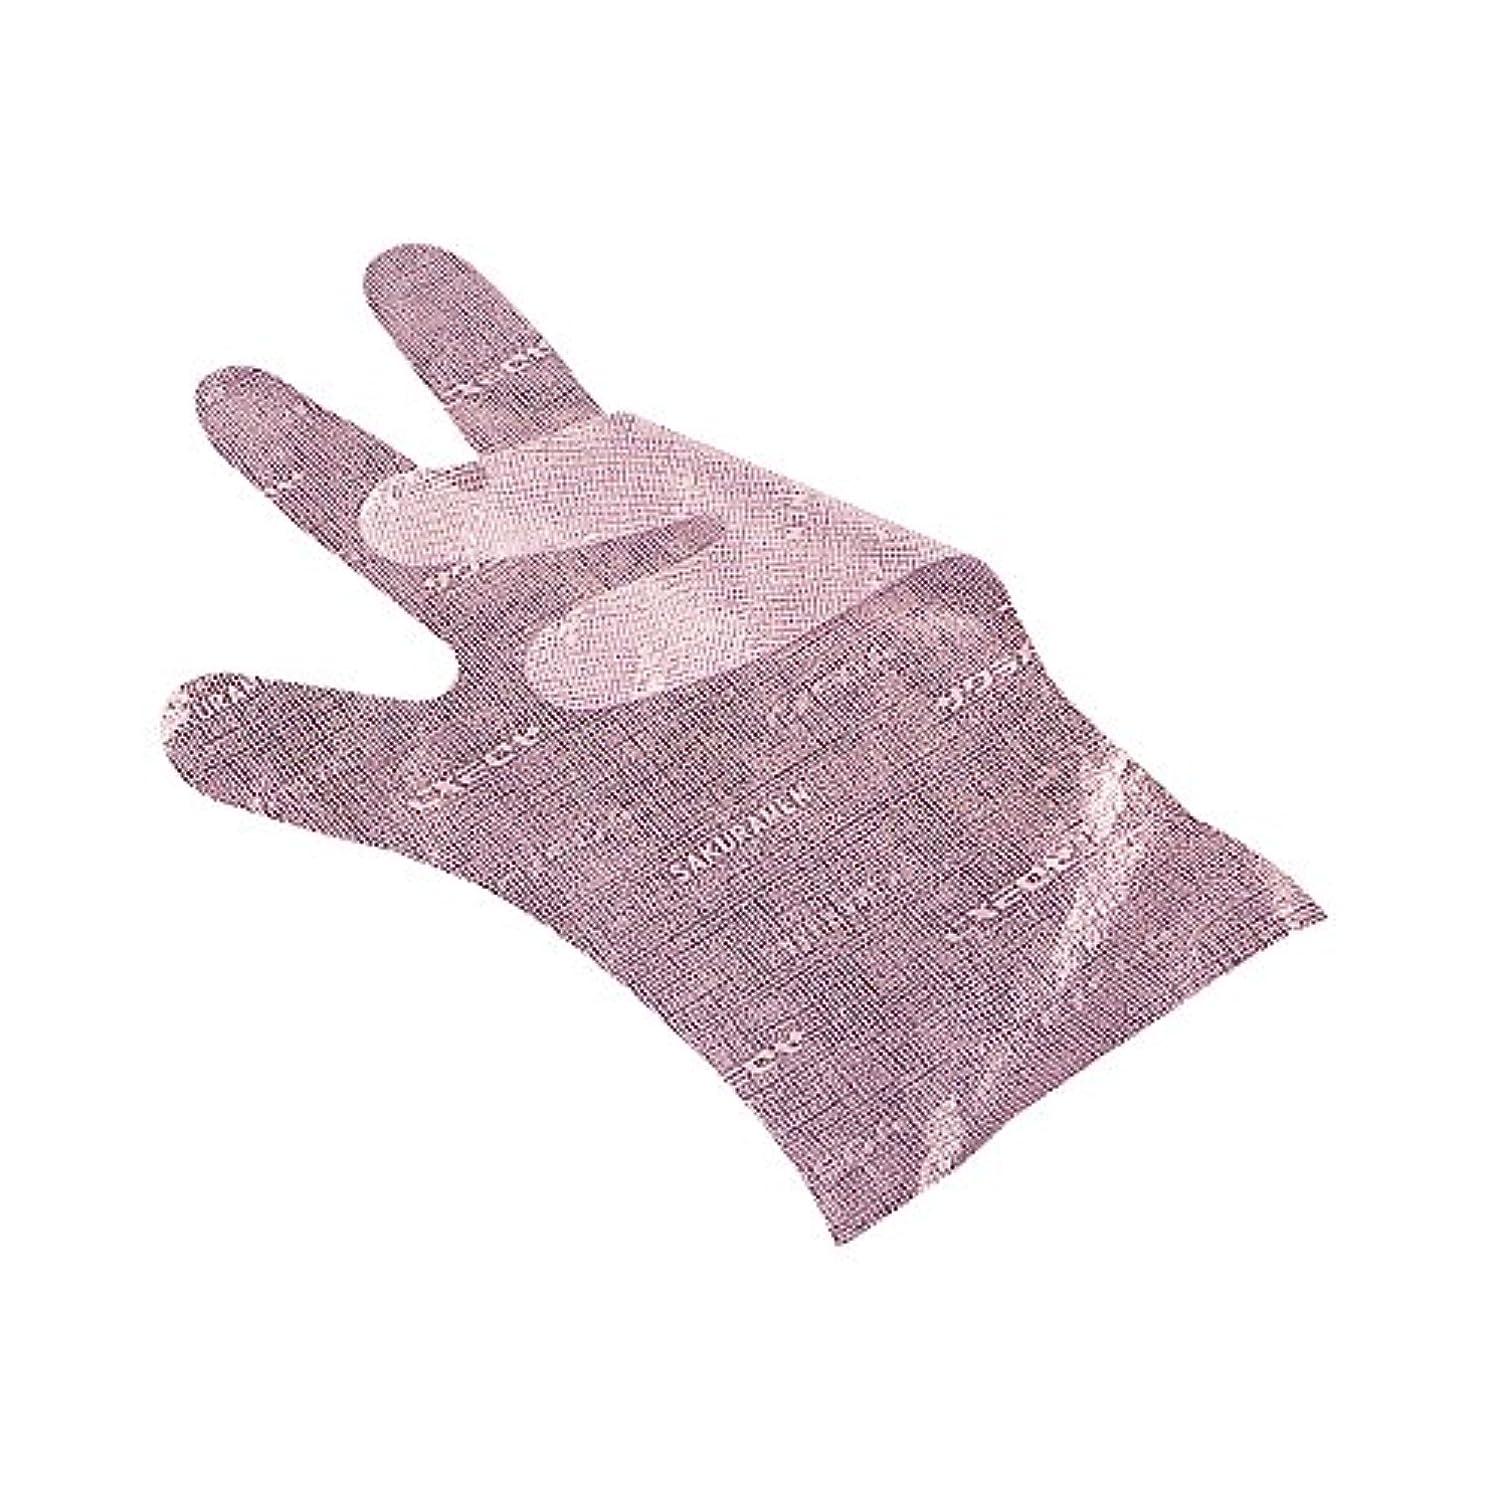 白内障敵匹敵しますサクラメンエンボス手袋 デラックス ピンク M 100枚入